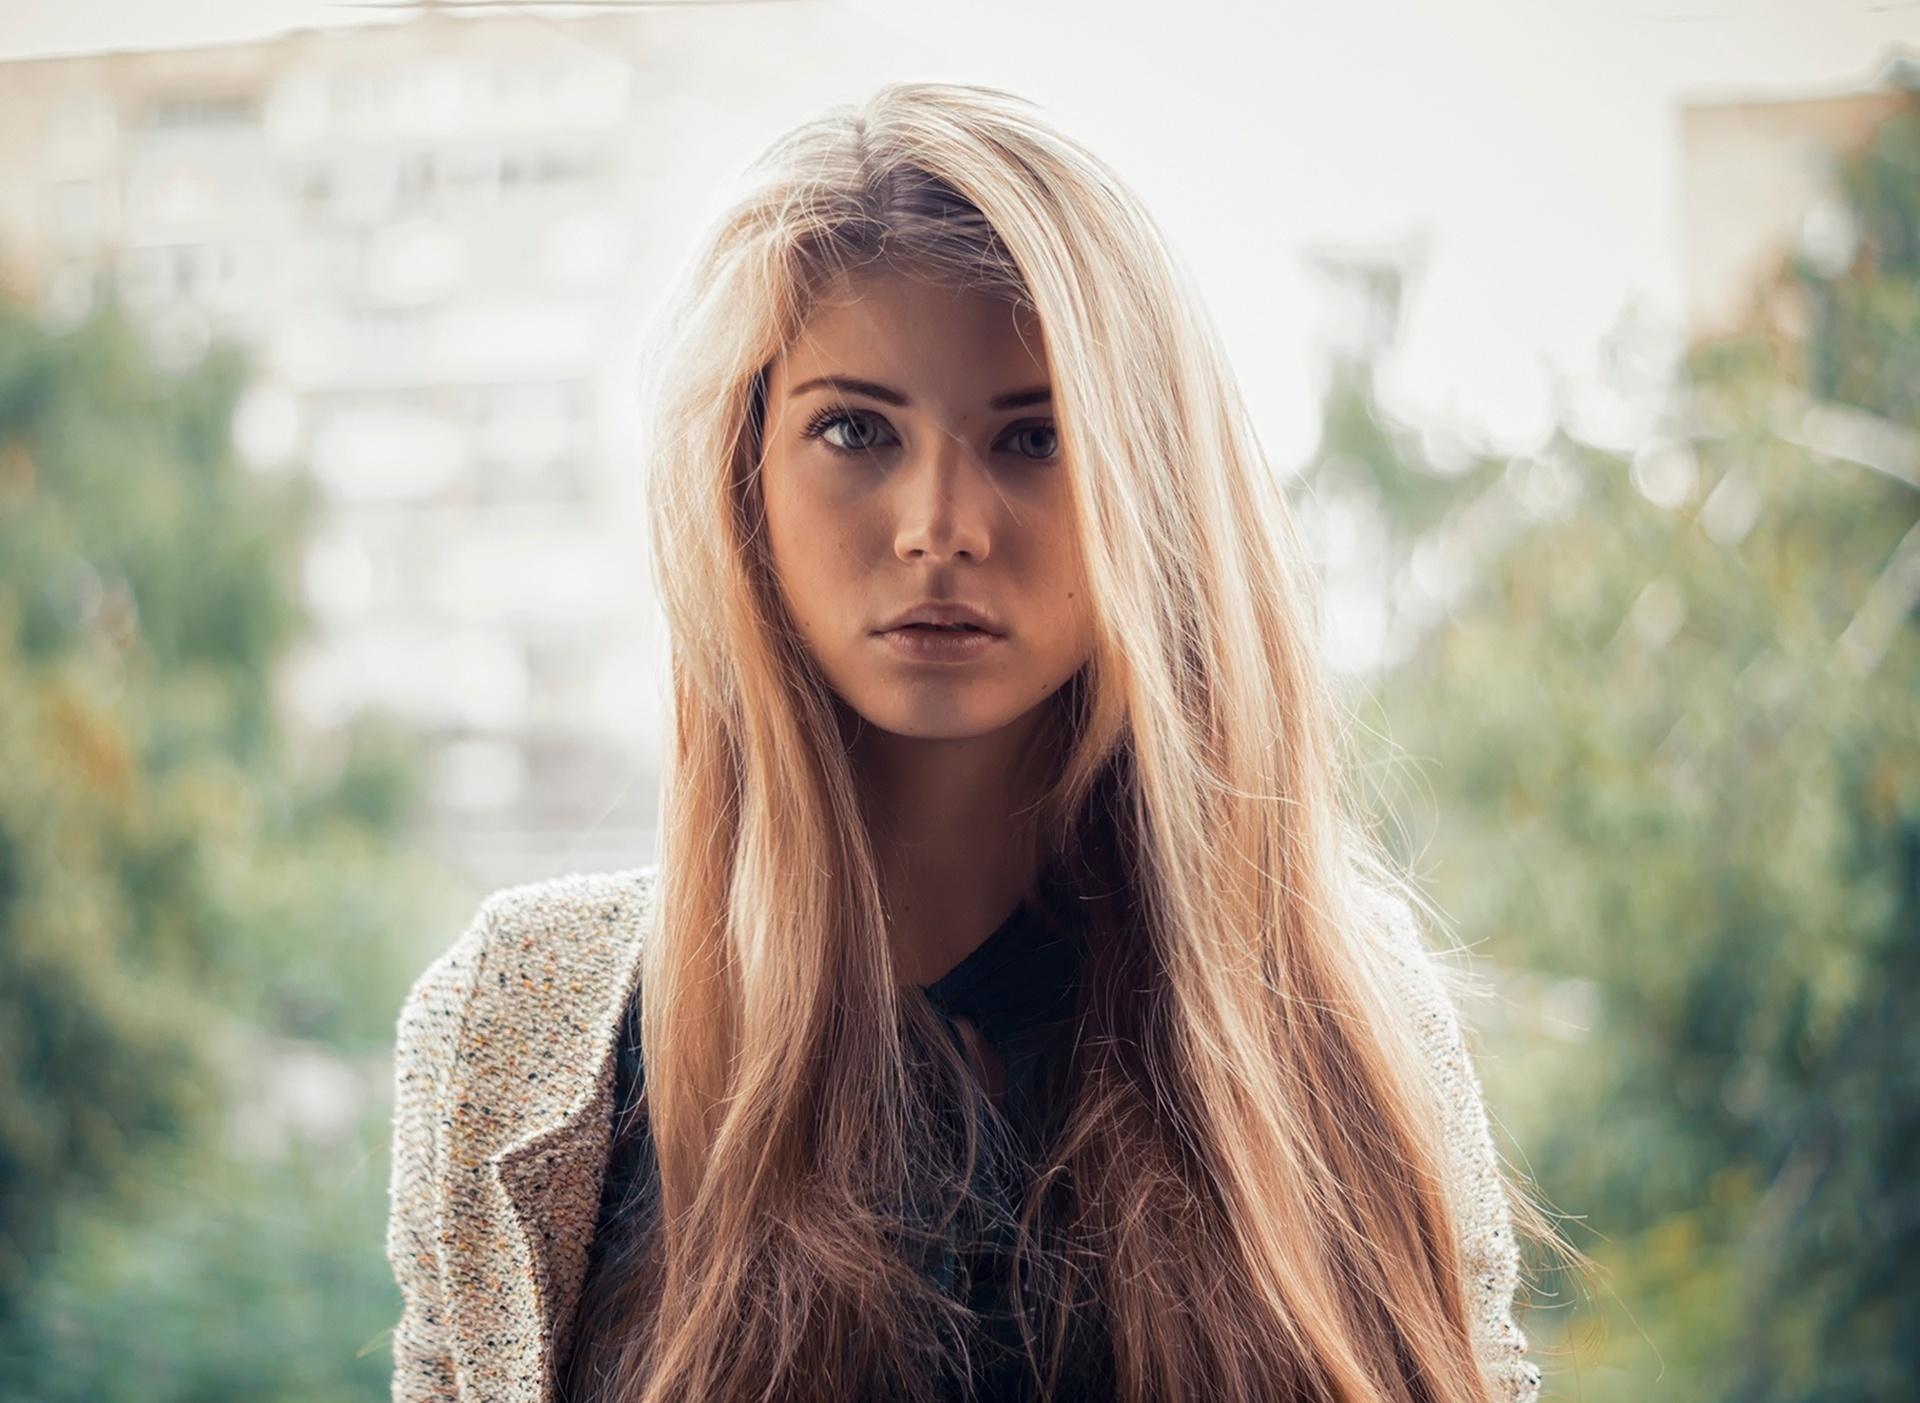 Фотографии с русоволосыми девушками 12 фотография